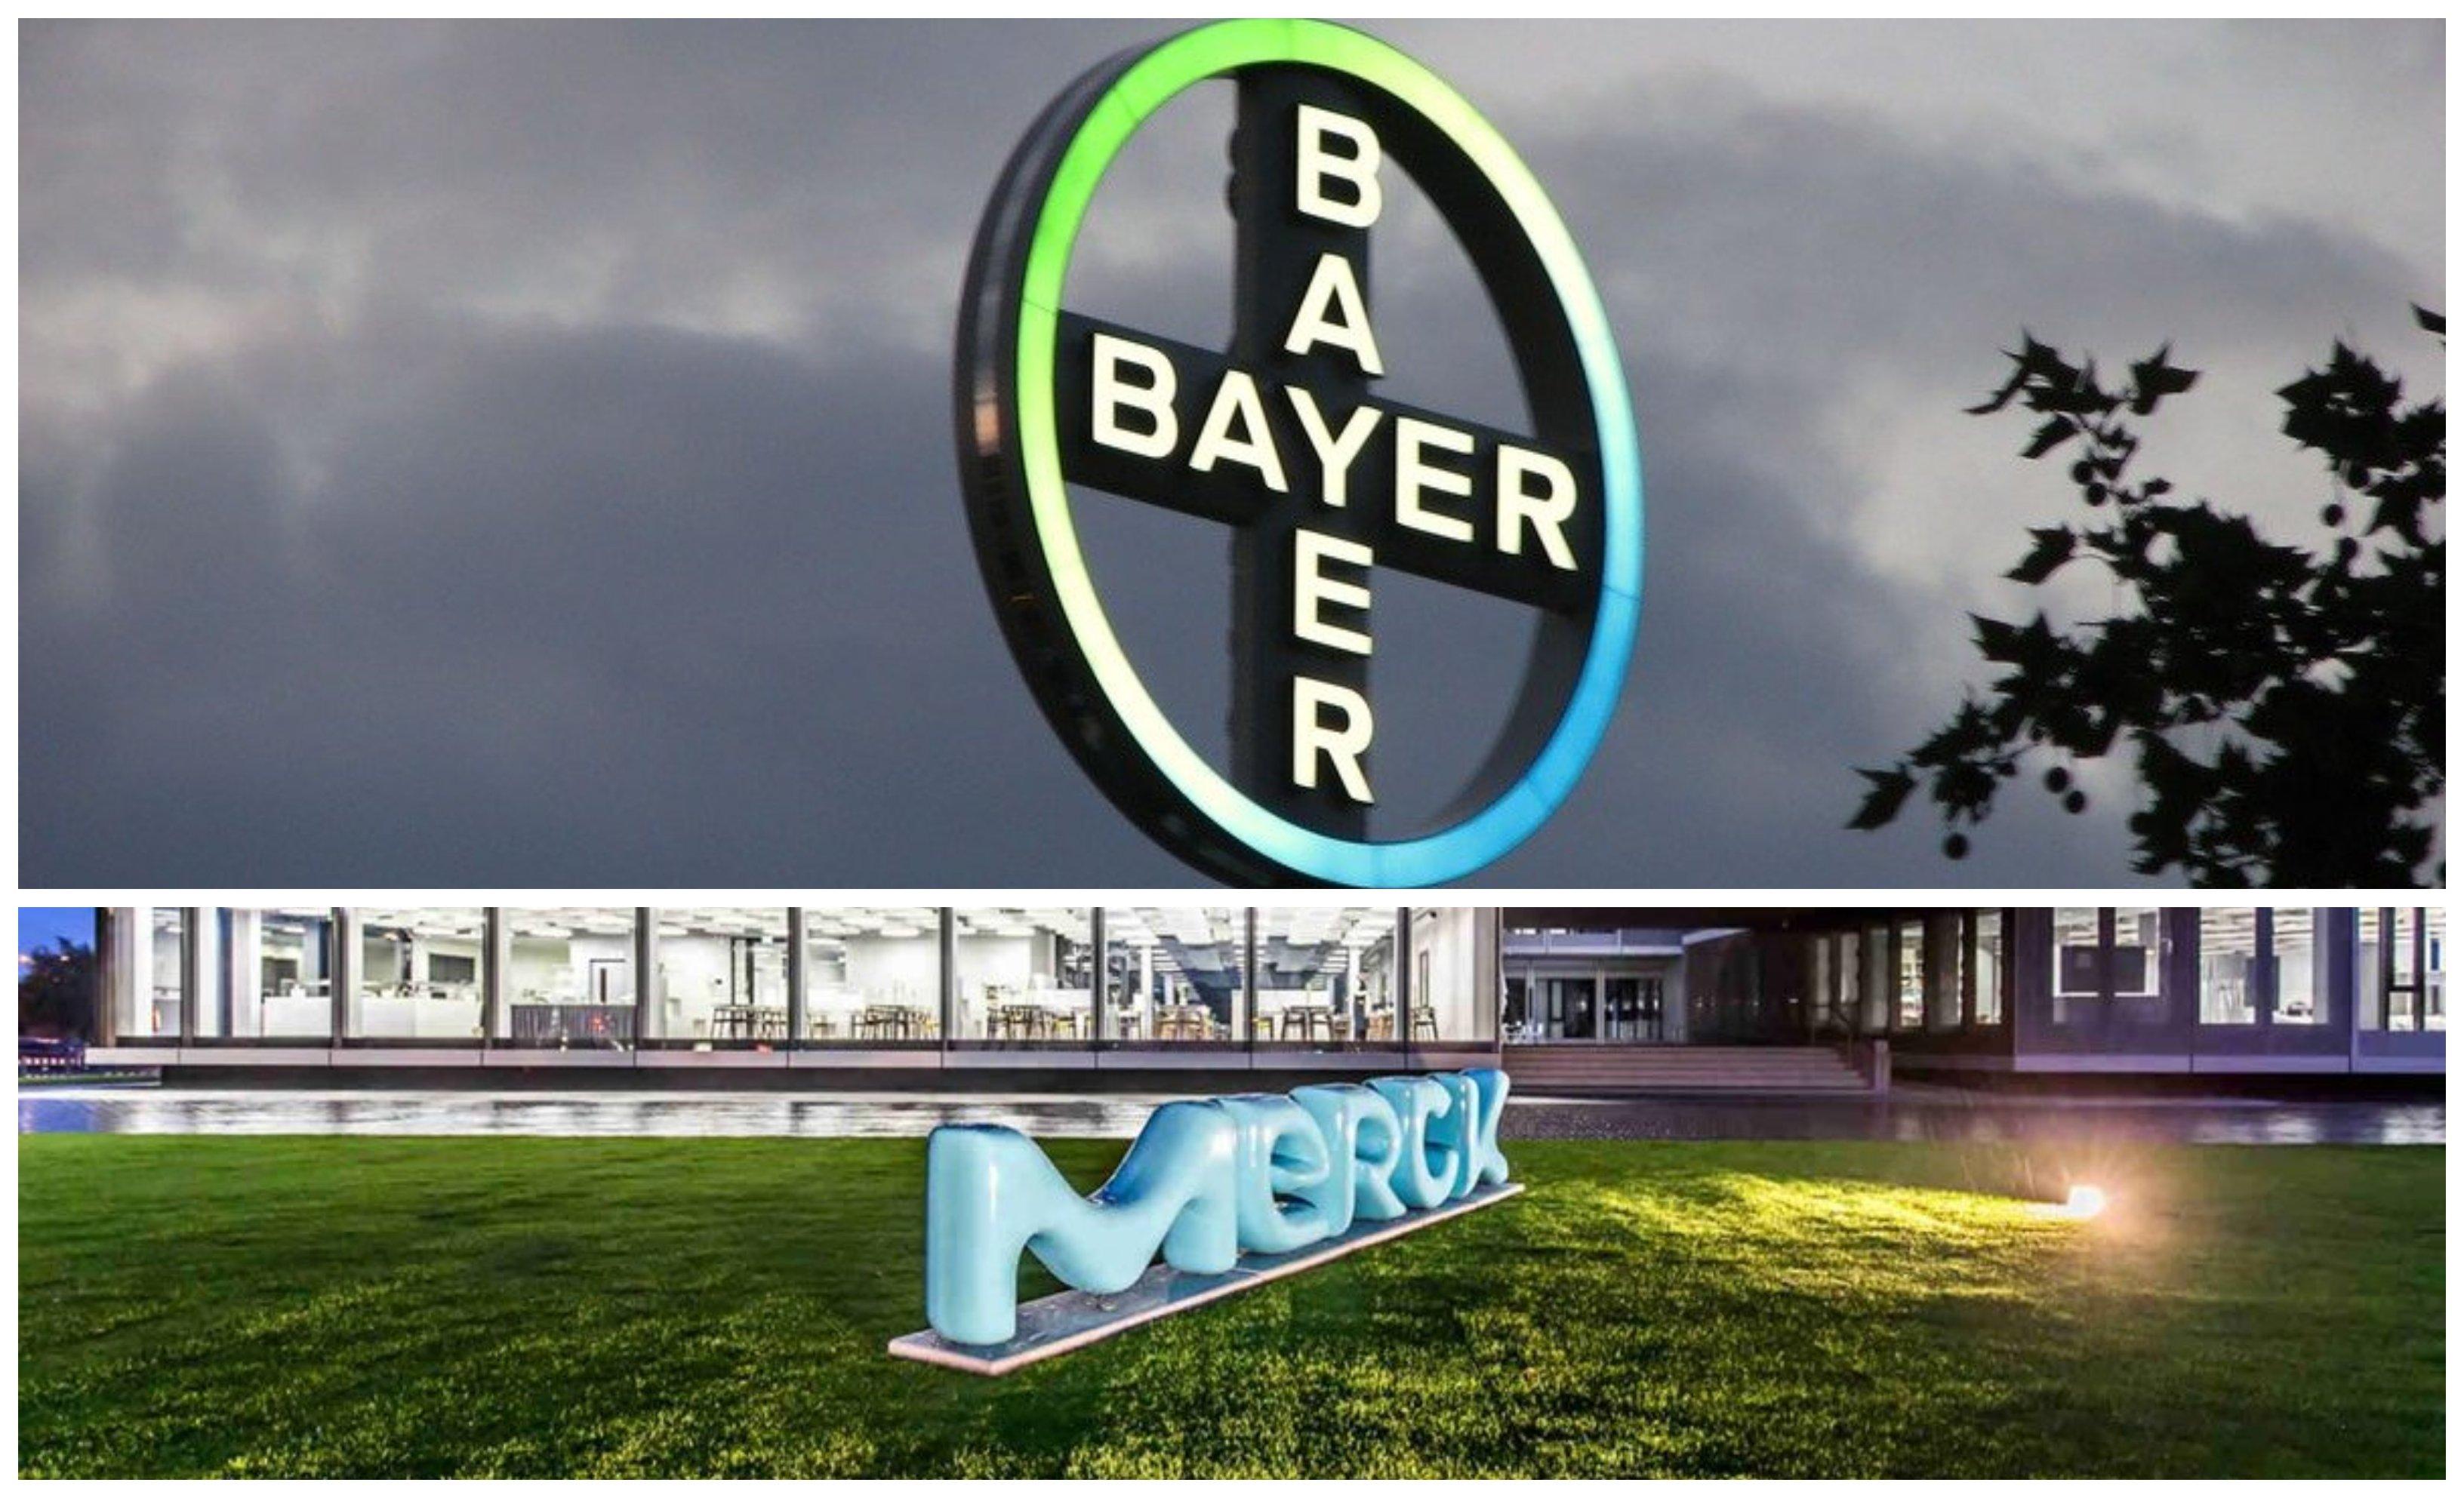 Las multinacionales Bayer y Merck se enriquecen con los abortivos